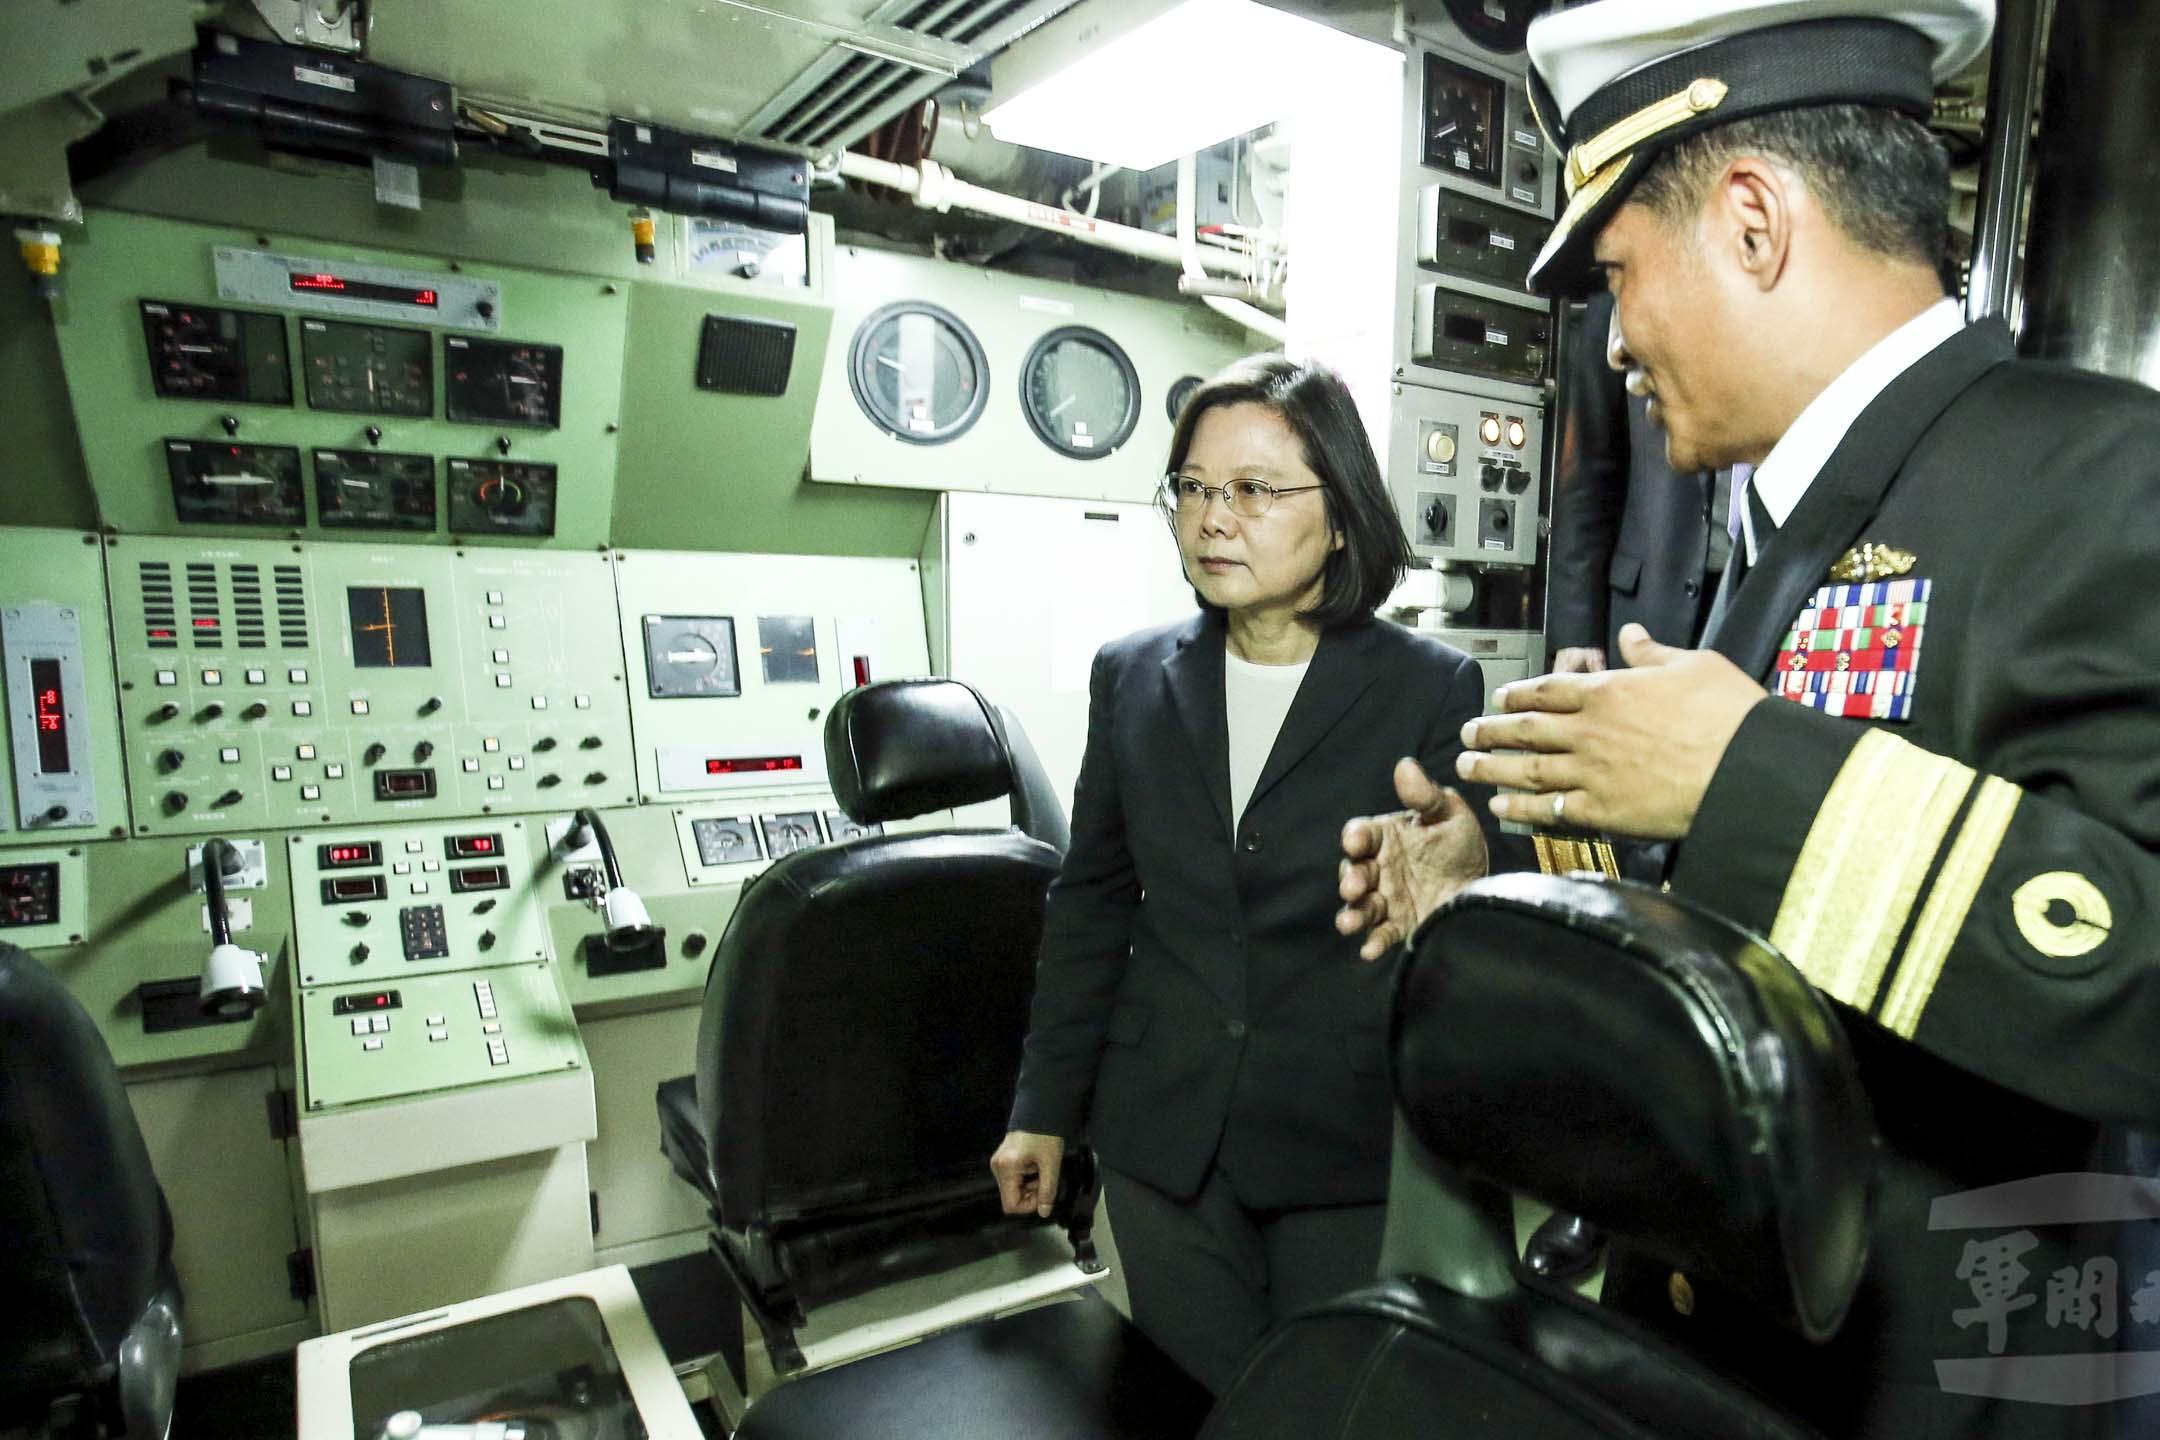 2017年3月21日,蔡英文總統到高雄左營艦基地宣示潛艦國造啟動。她也第一次進入海軍現役的海虎潛艦視導,進入潛艦前她揮手向在場人士示意,在艙內待了約20分鐘,還觀看模擬發射魚雷的過程。 圖:中華民國國防部軍聞社